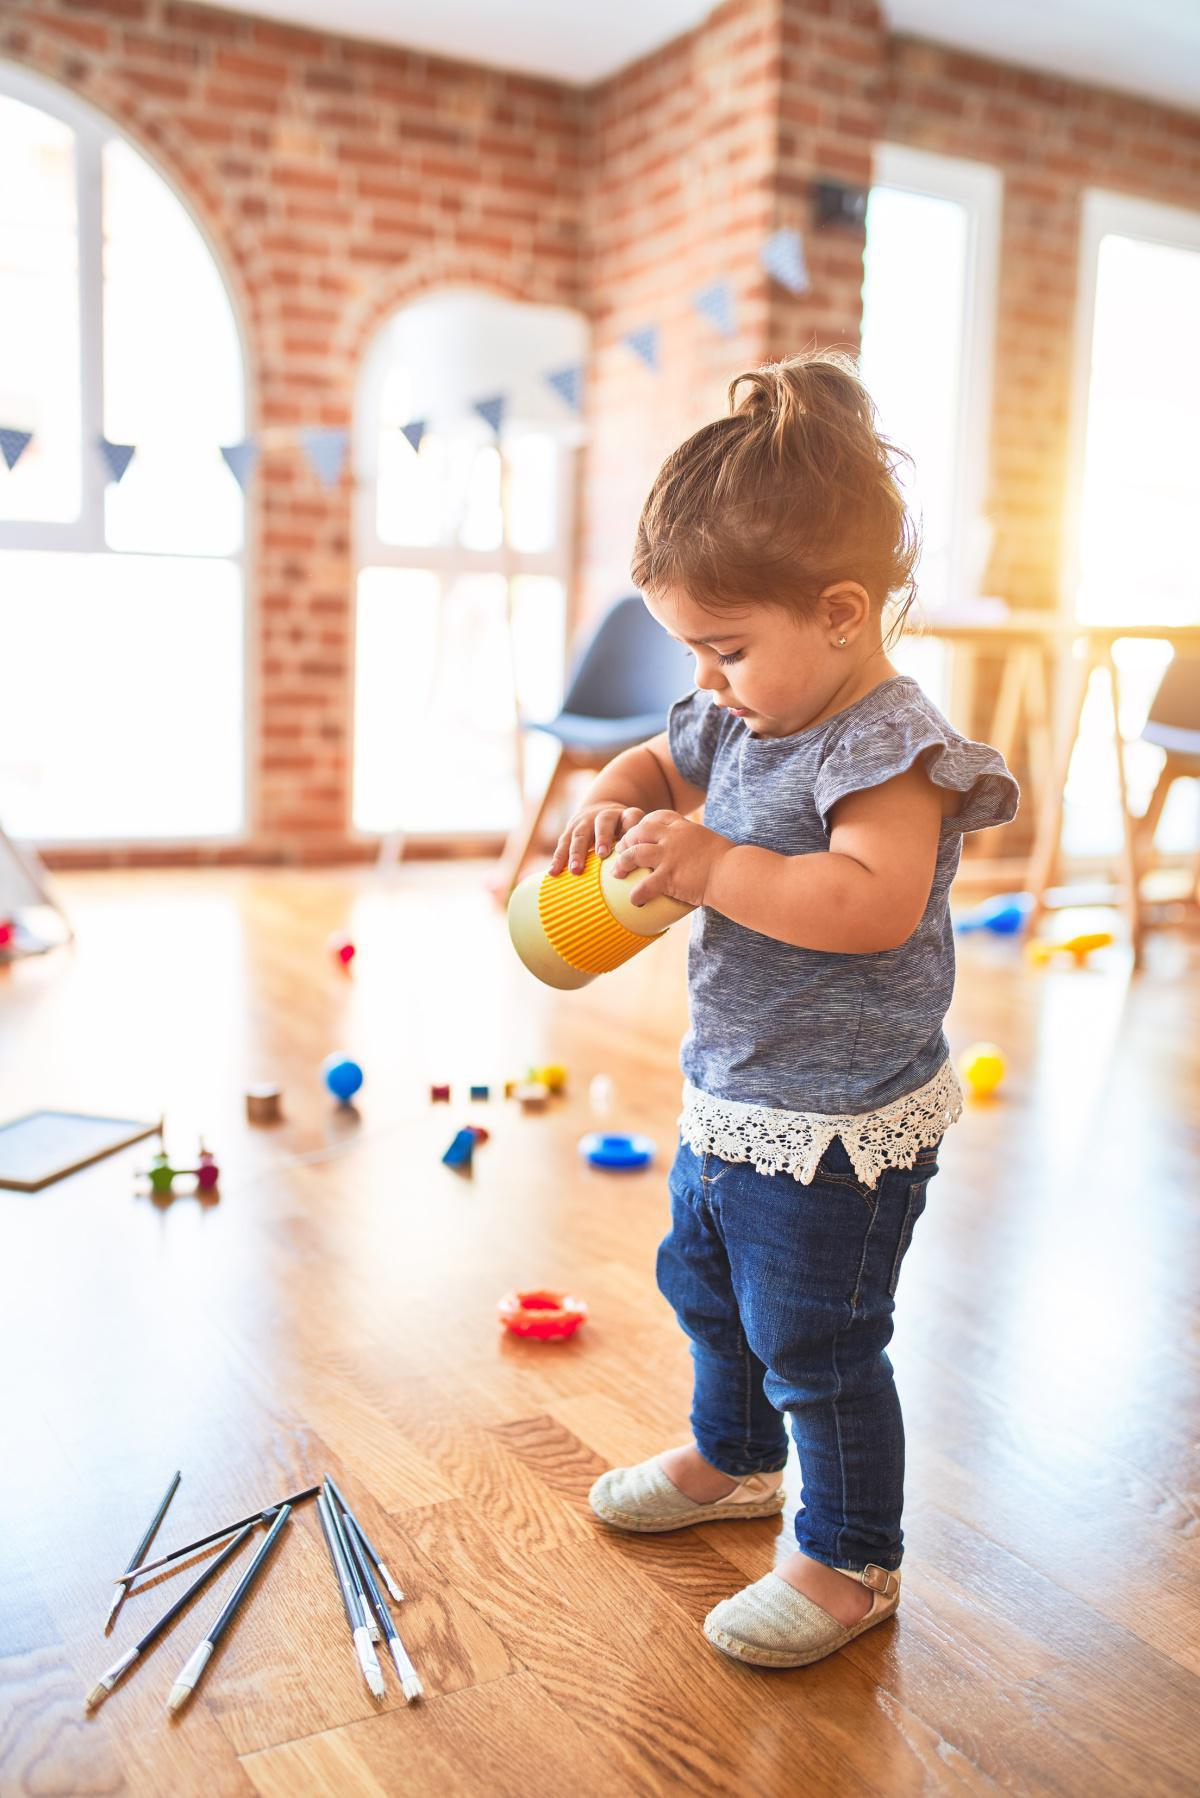 Exposition aux plastifiants : Quels risques pour la santé des enfants ?